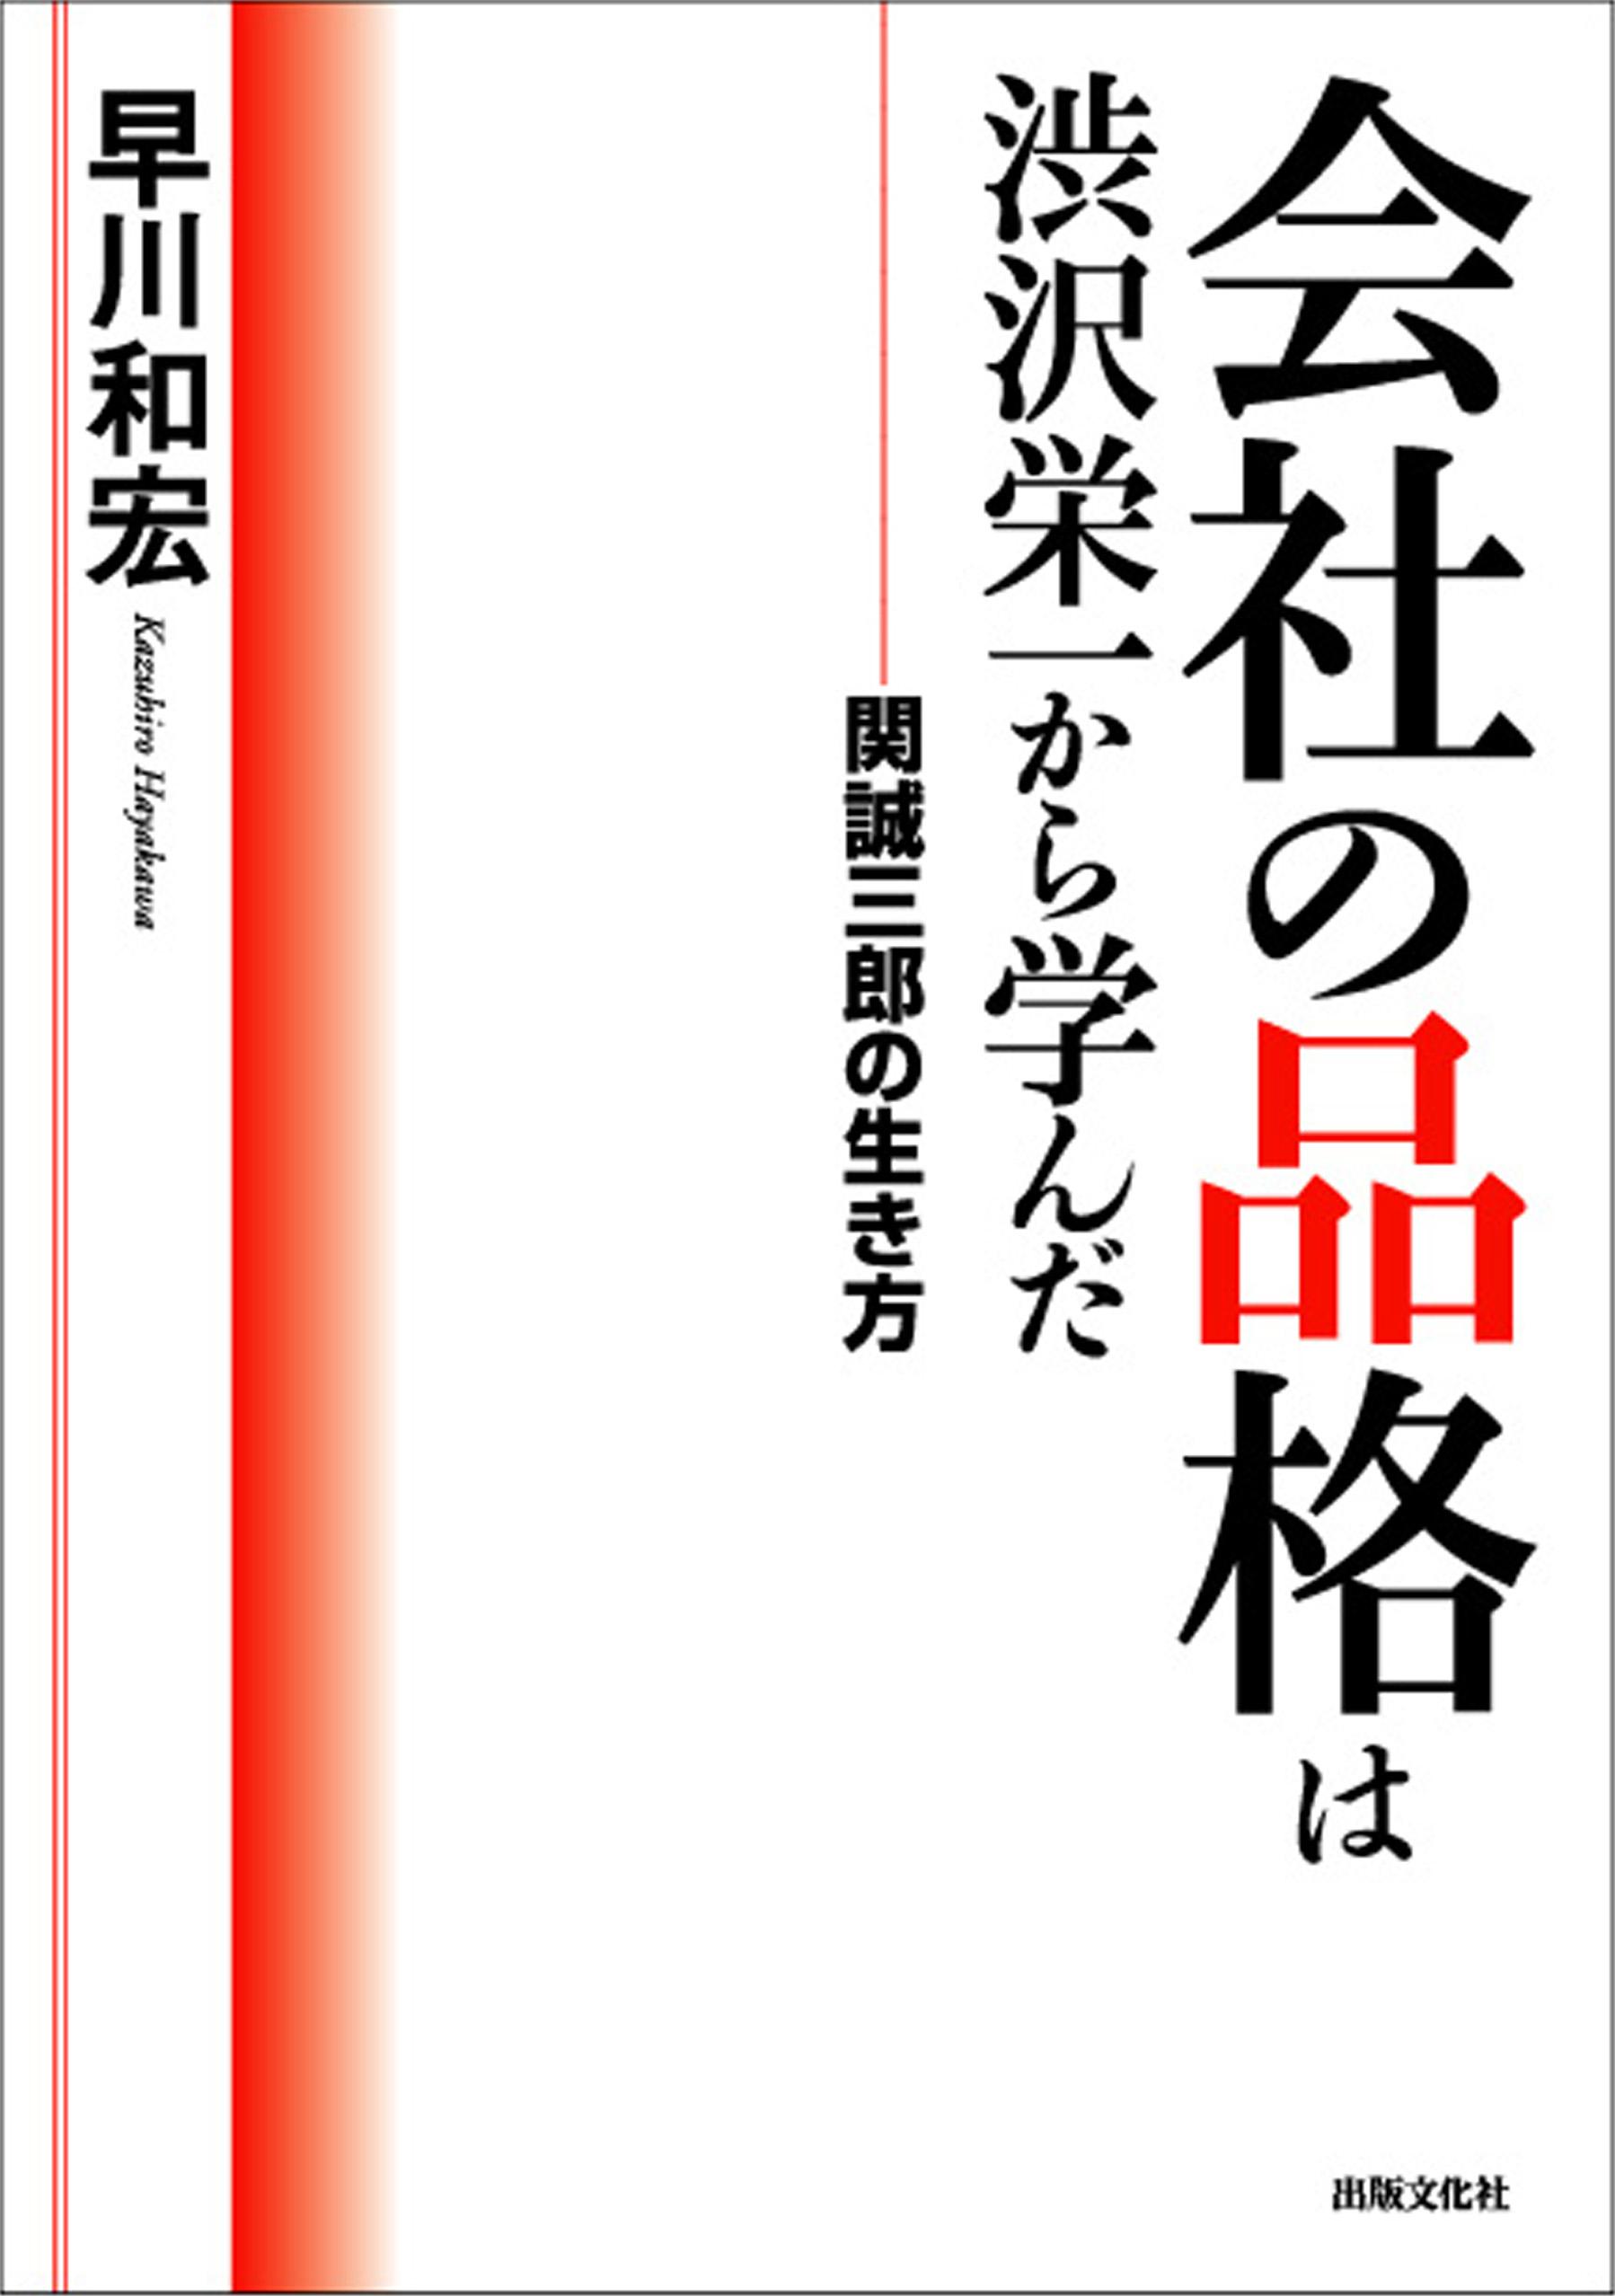 会社 渋沢 栄一 「渋沢栄一はなぜ1人で500社も起業できたのか」ビビる大木が解説する 「退く」ことを知っていた男の凄み